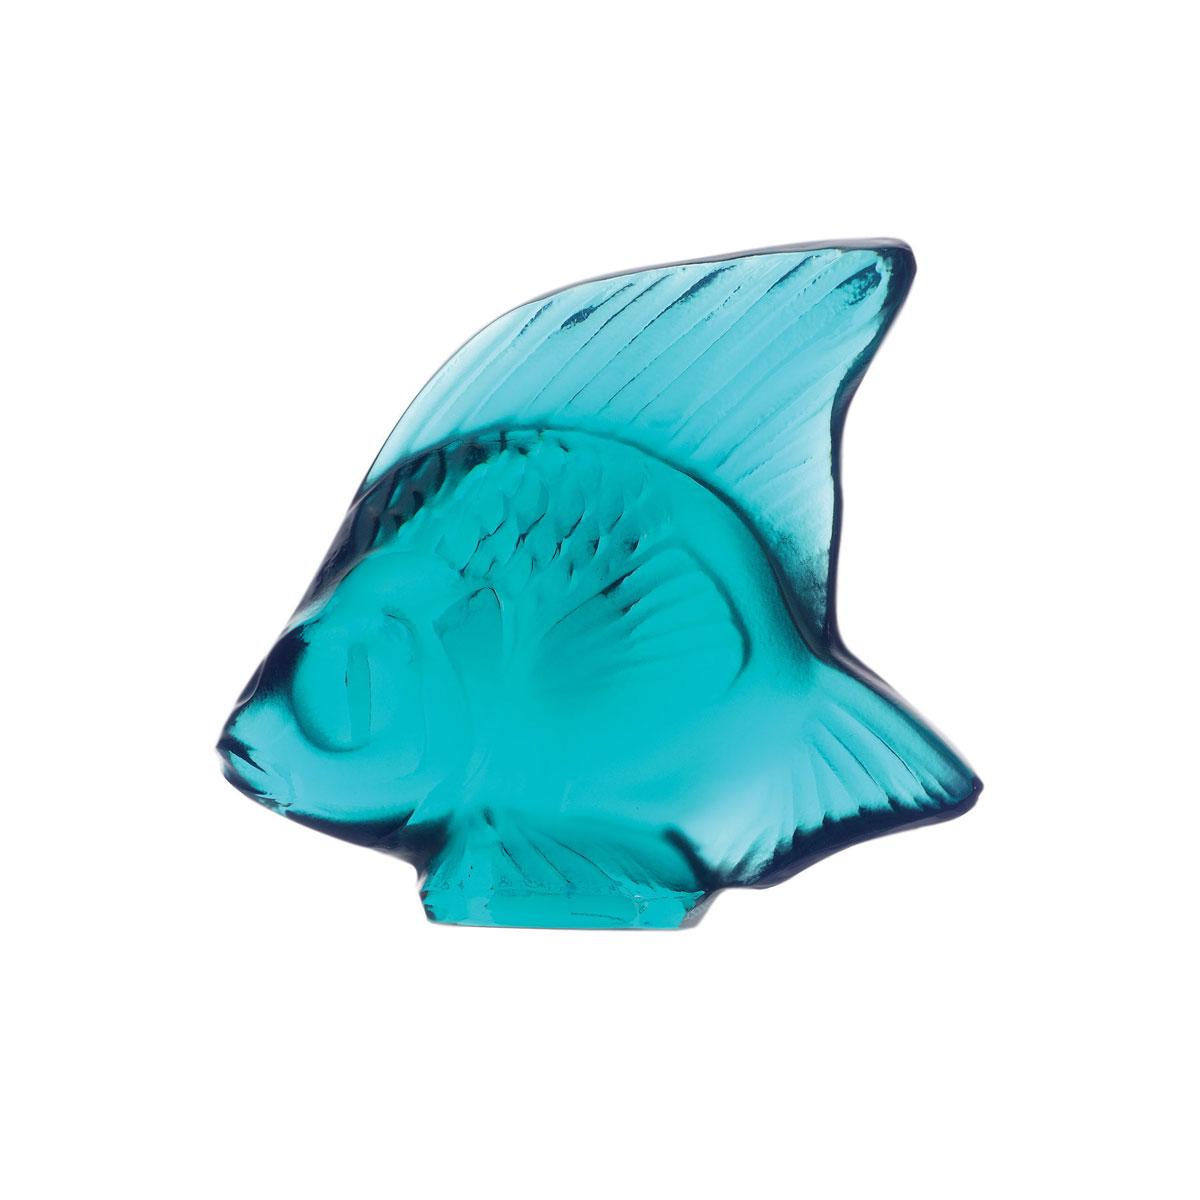 Lalique Pale Turquoise Fish Sculpture